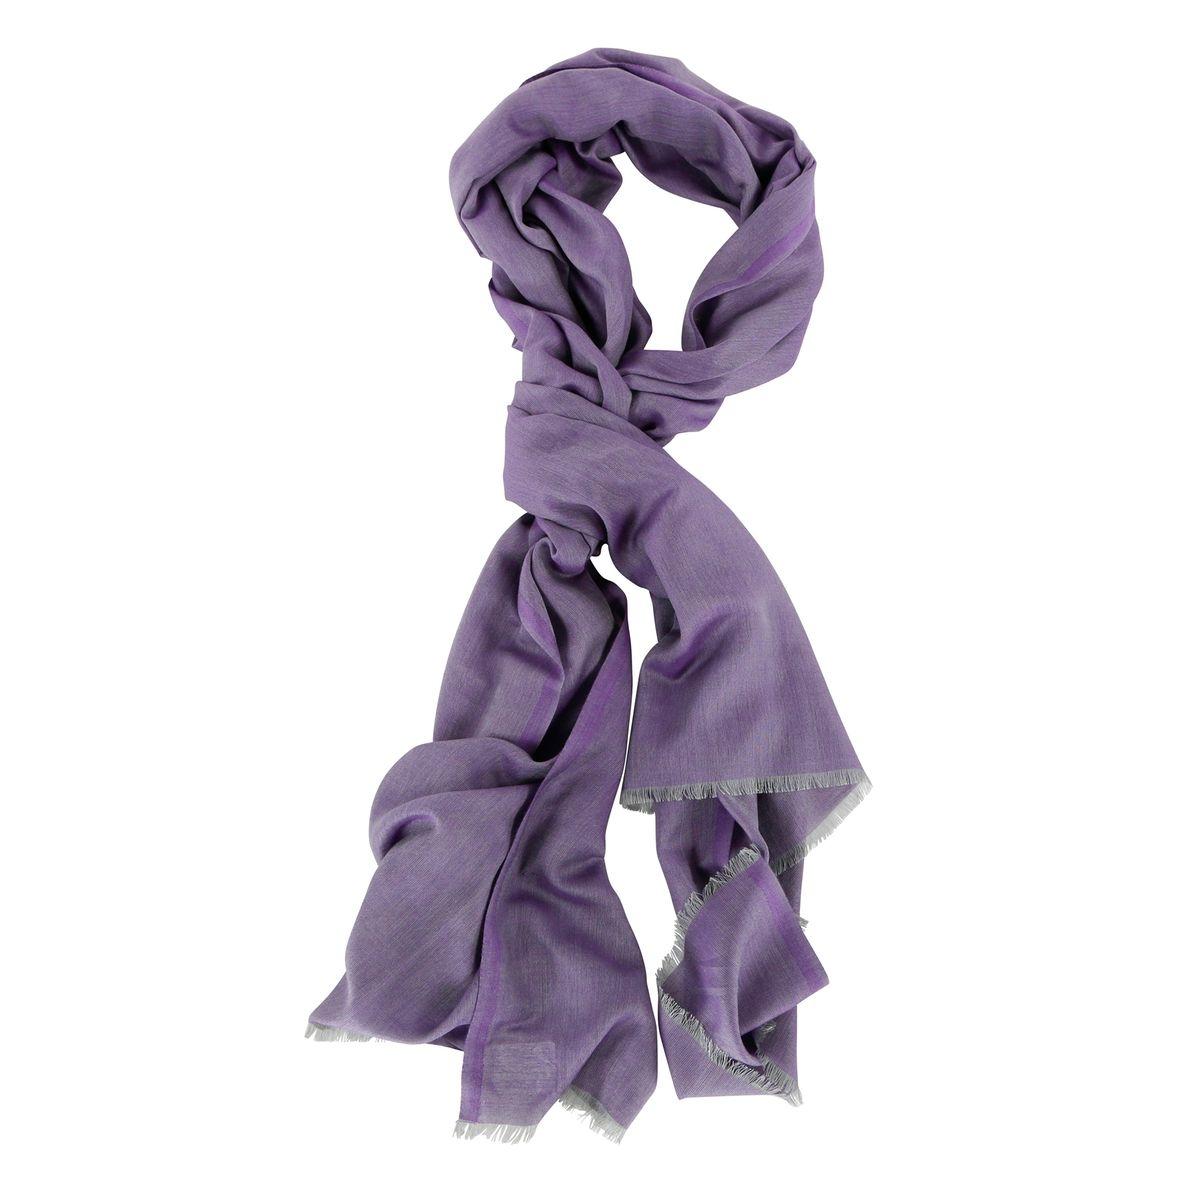 echarpe ete unie violette